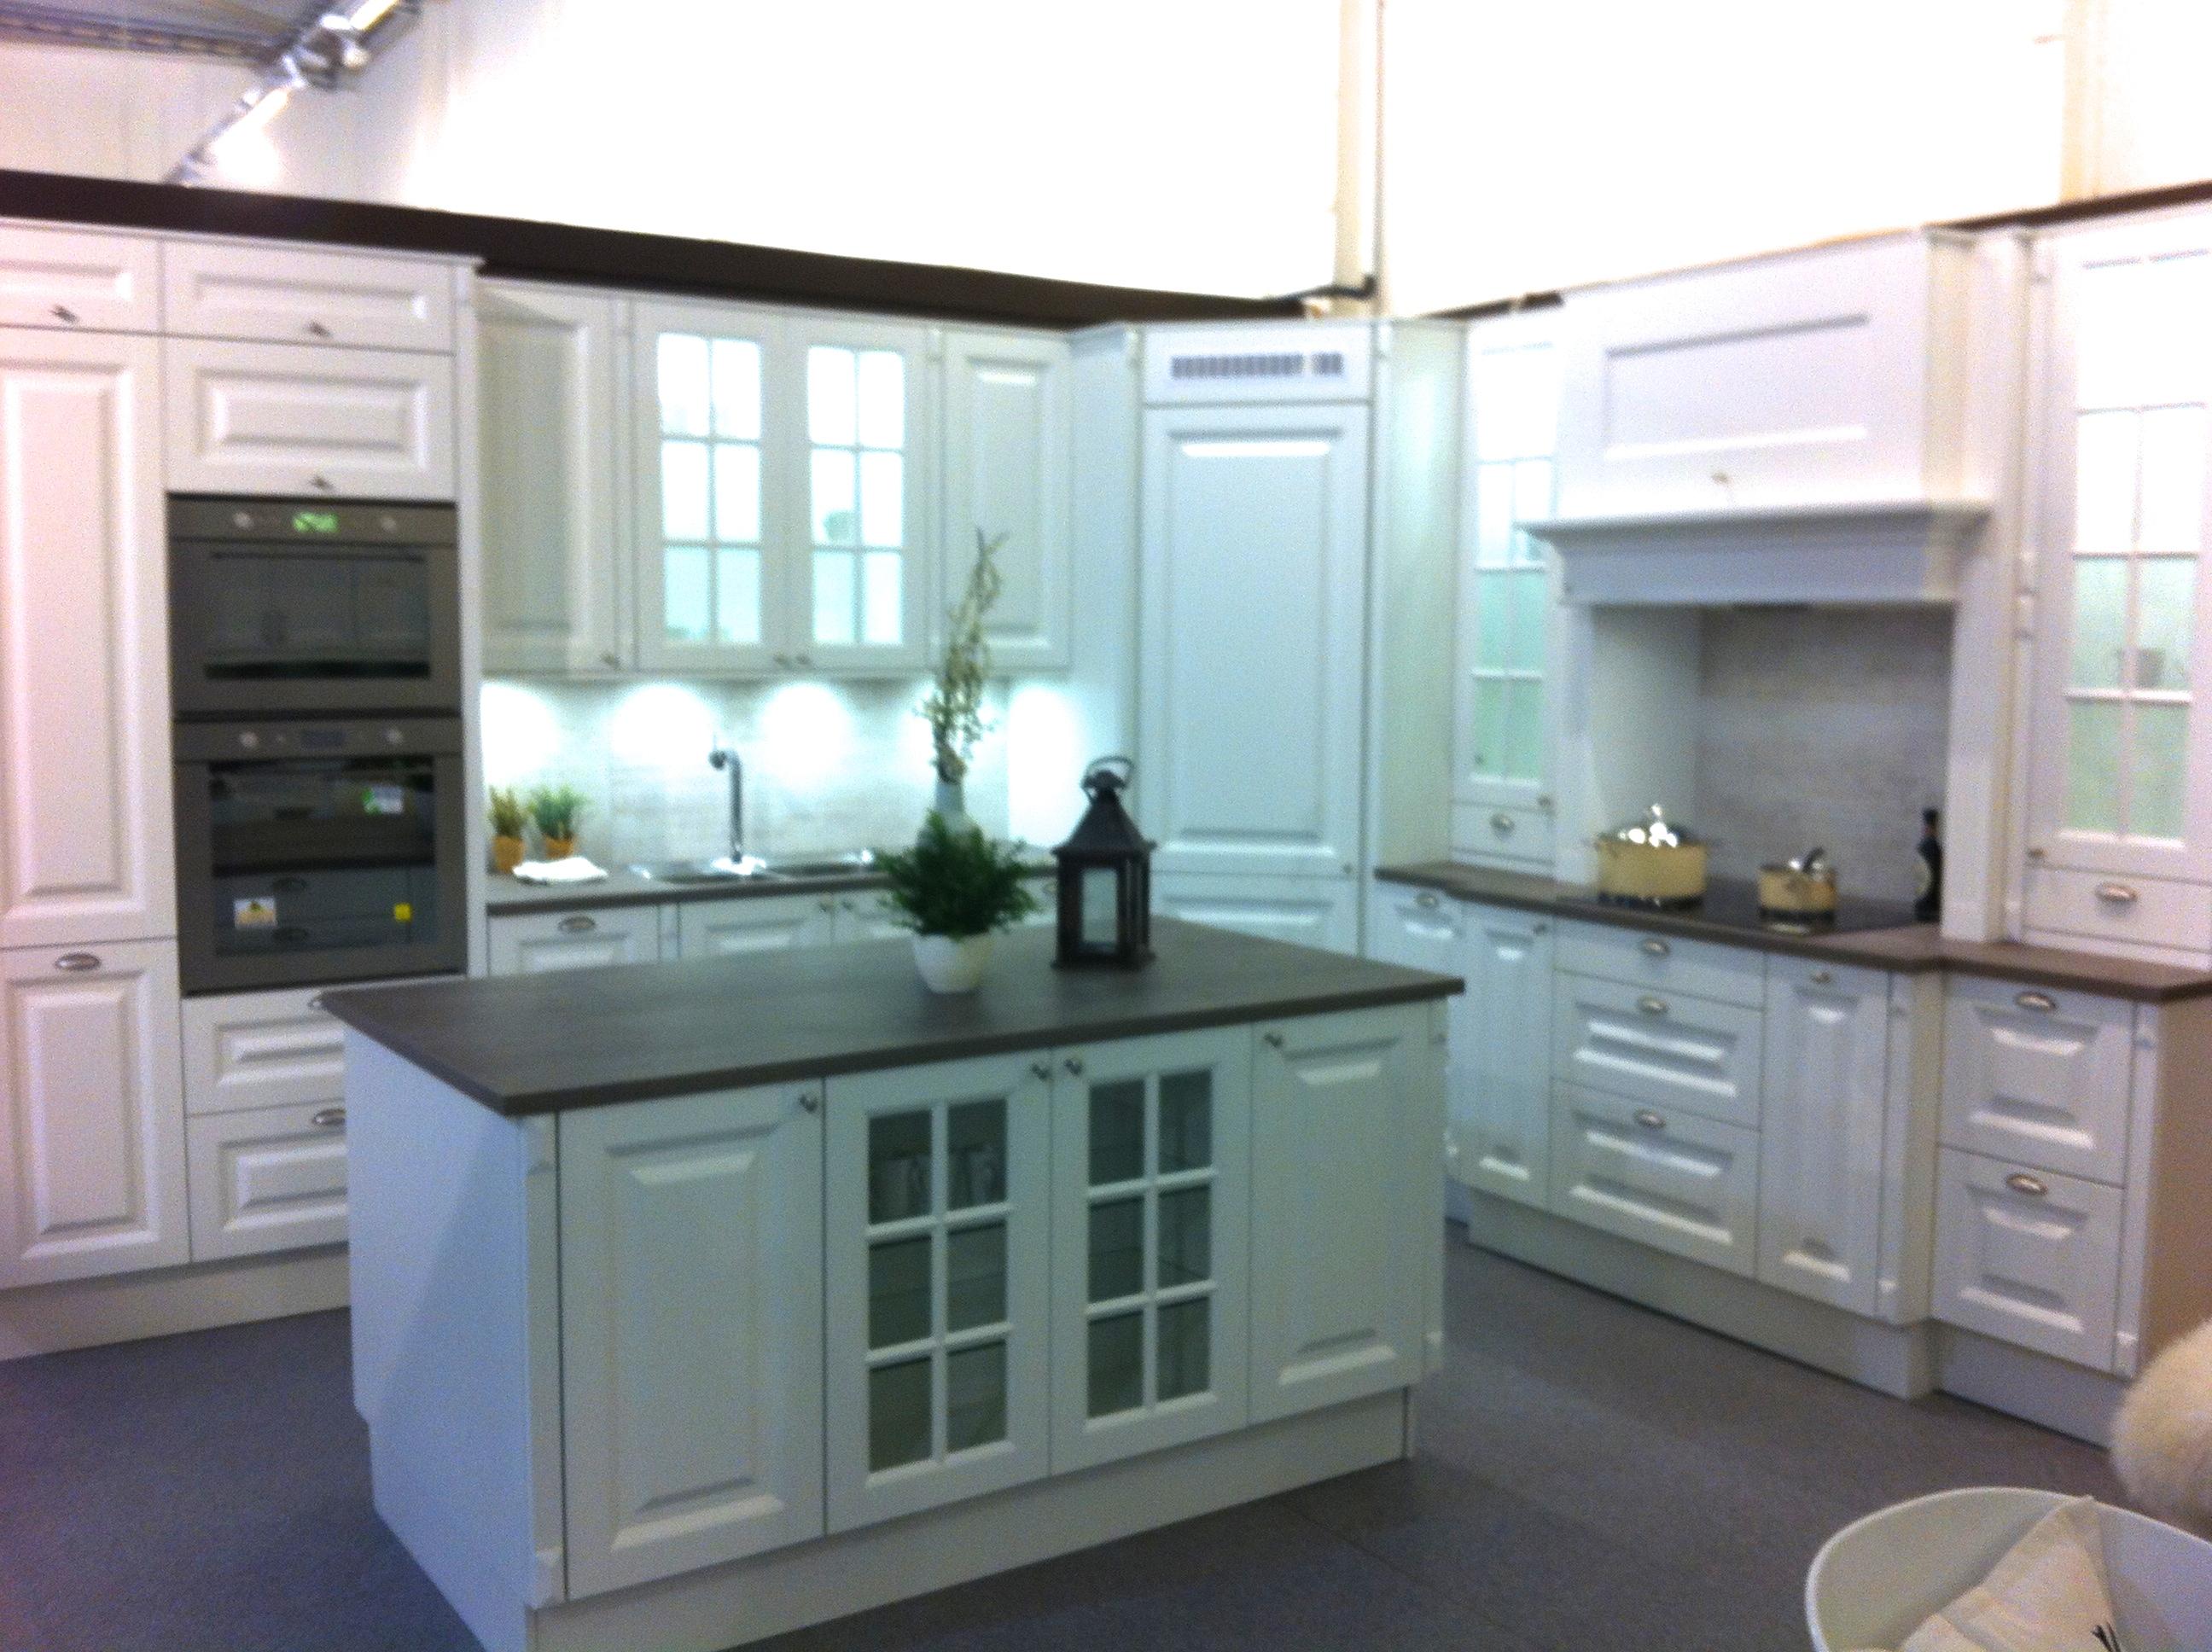 Nytt Kjøkken Tips: Kjøkken, Kjøkkeninnredning, baderom ...